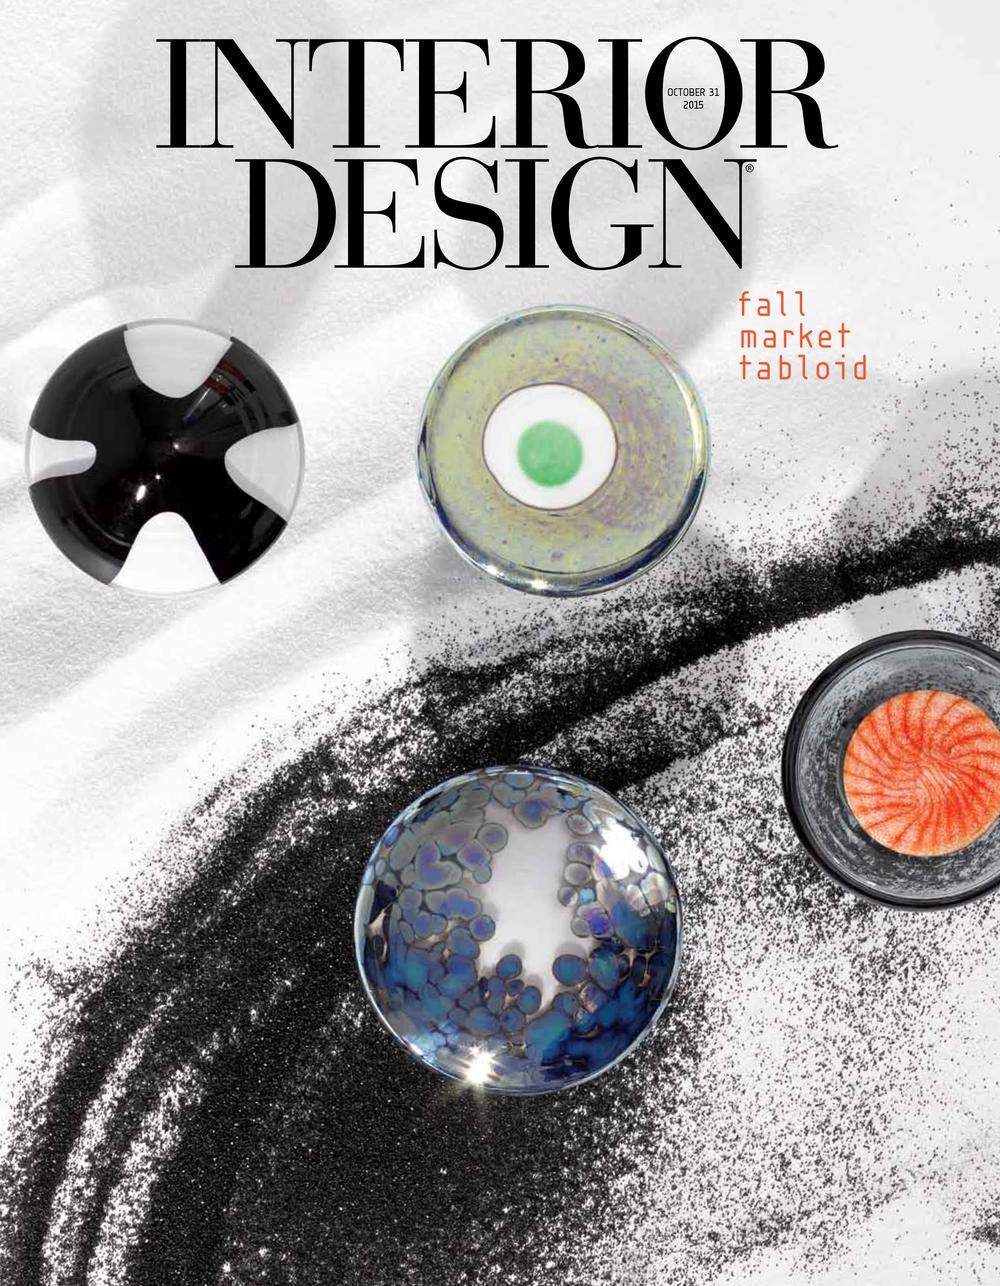 Interior Design Fall Market Tabloid  2015